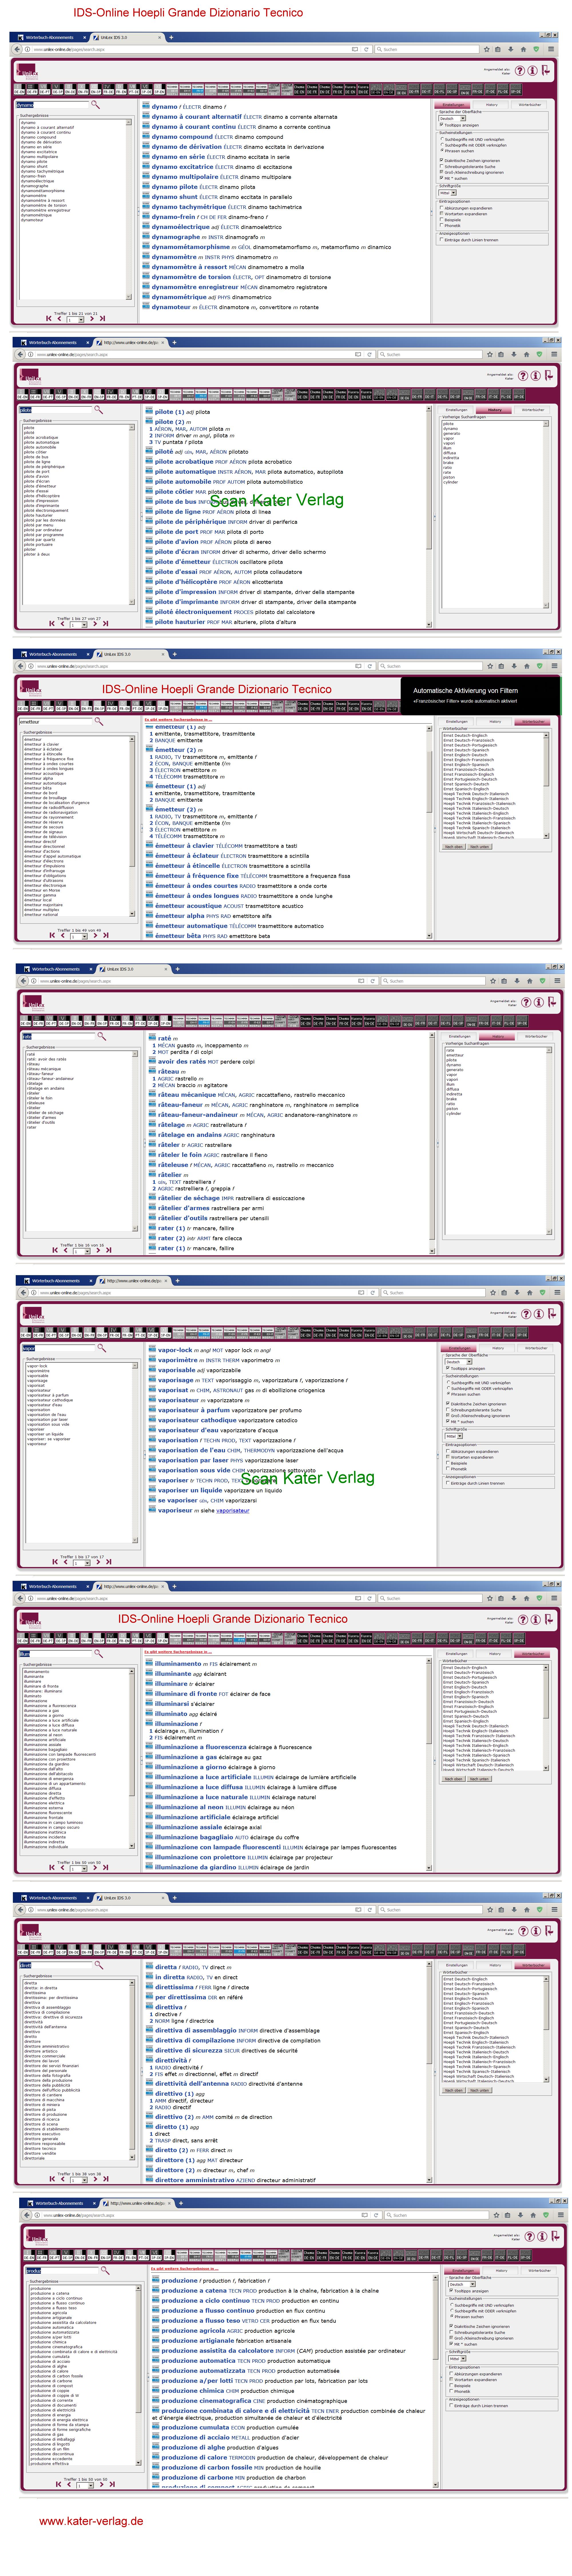 Hoepli: Großes Wörterbuch Technik IT-FR, FR-IT ONLINE